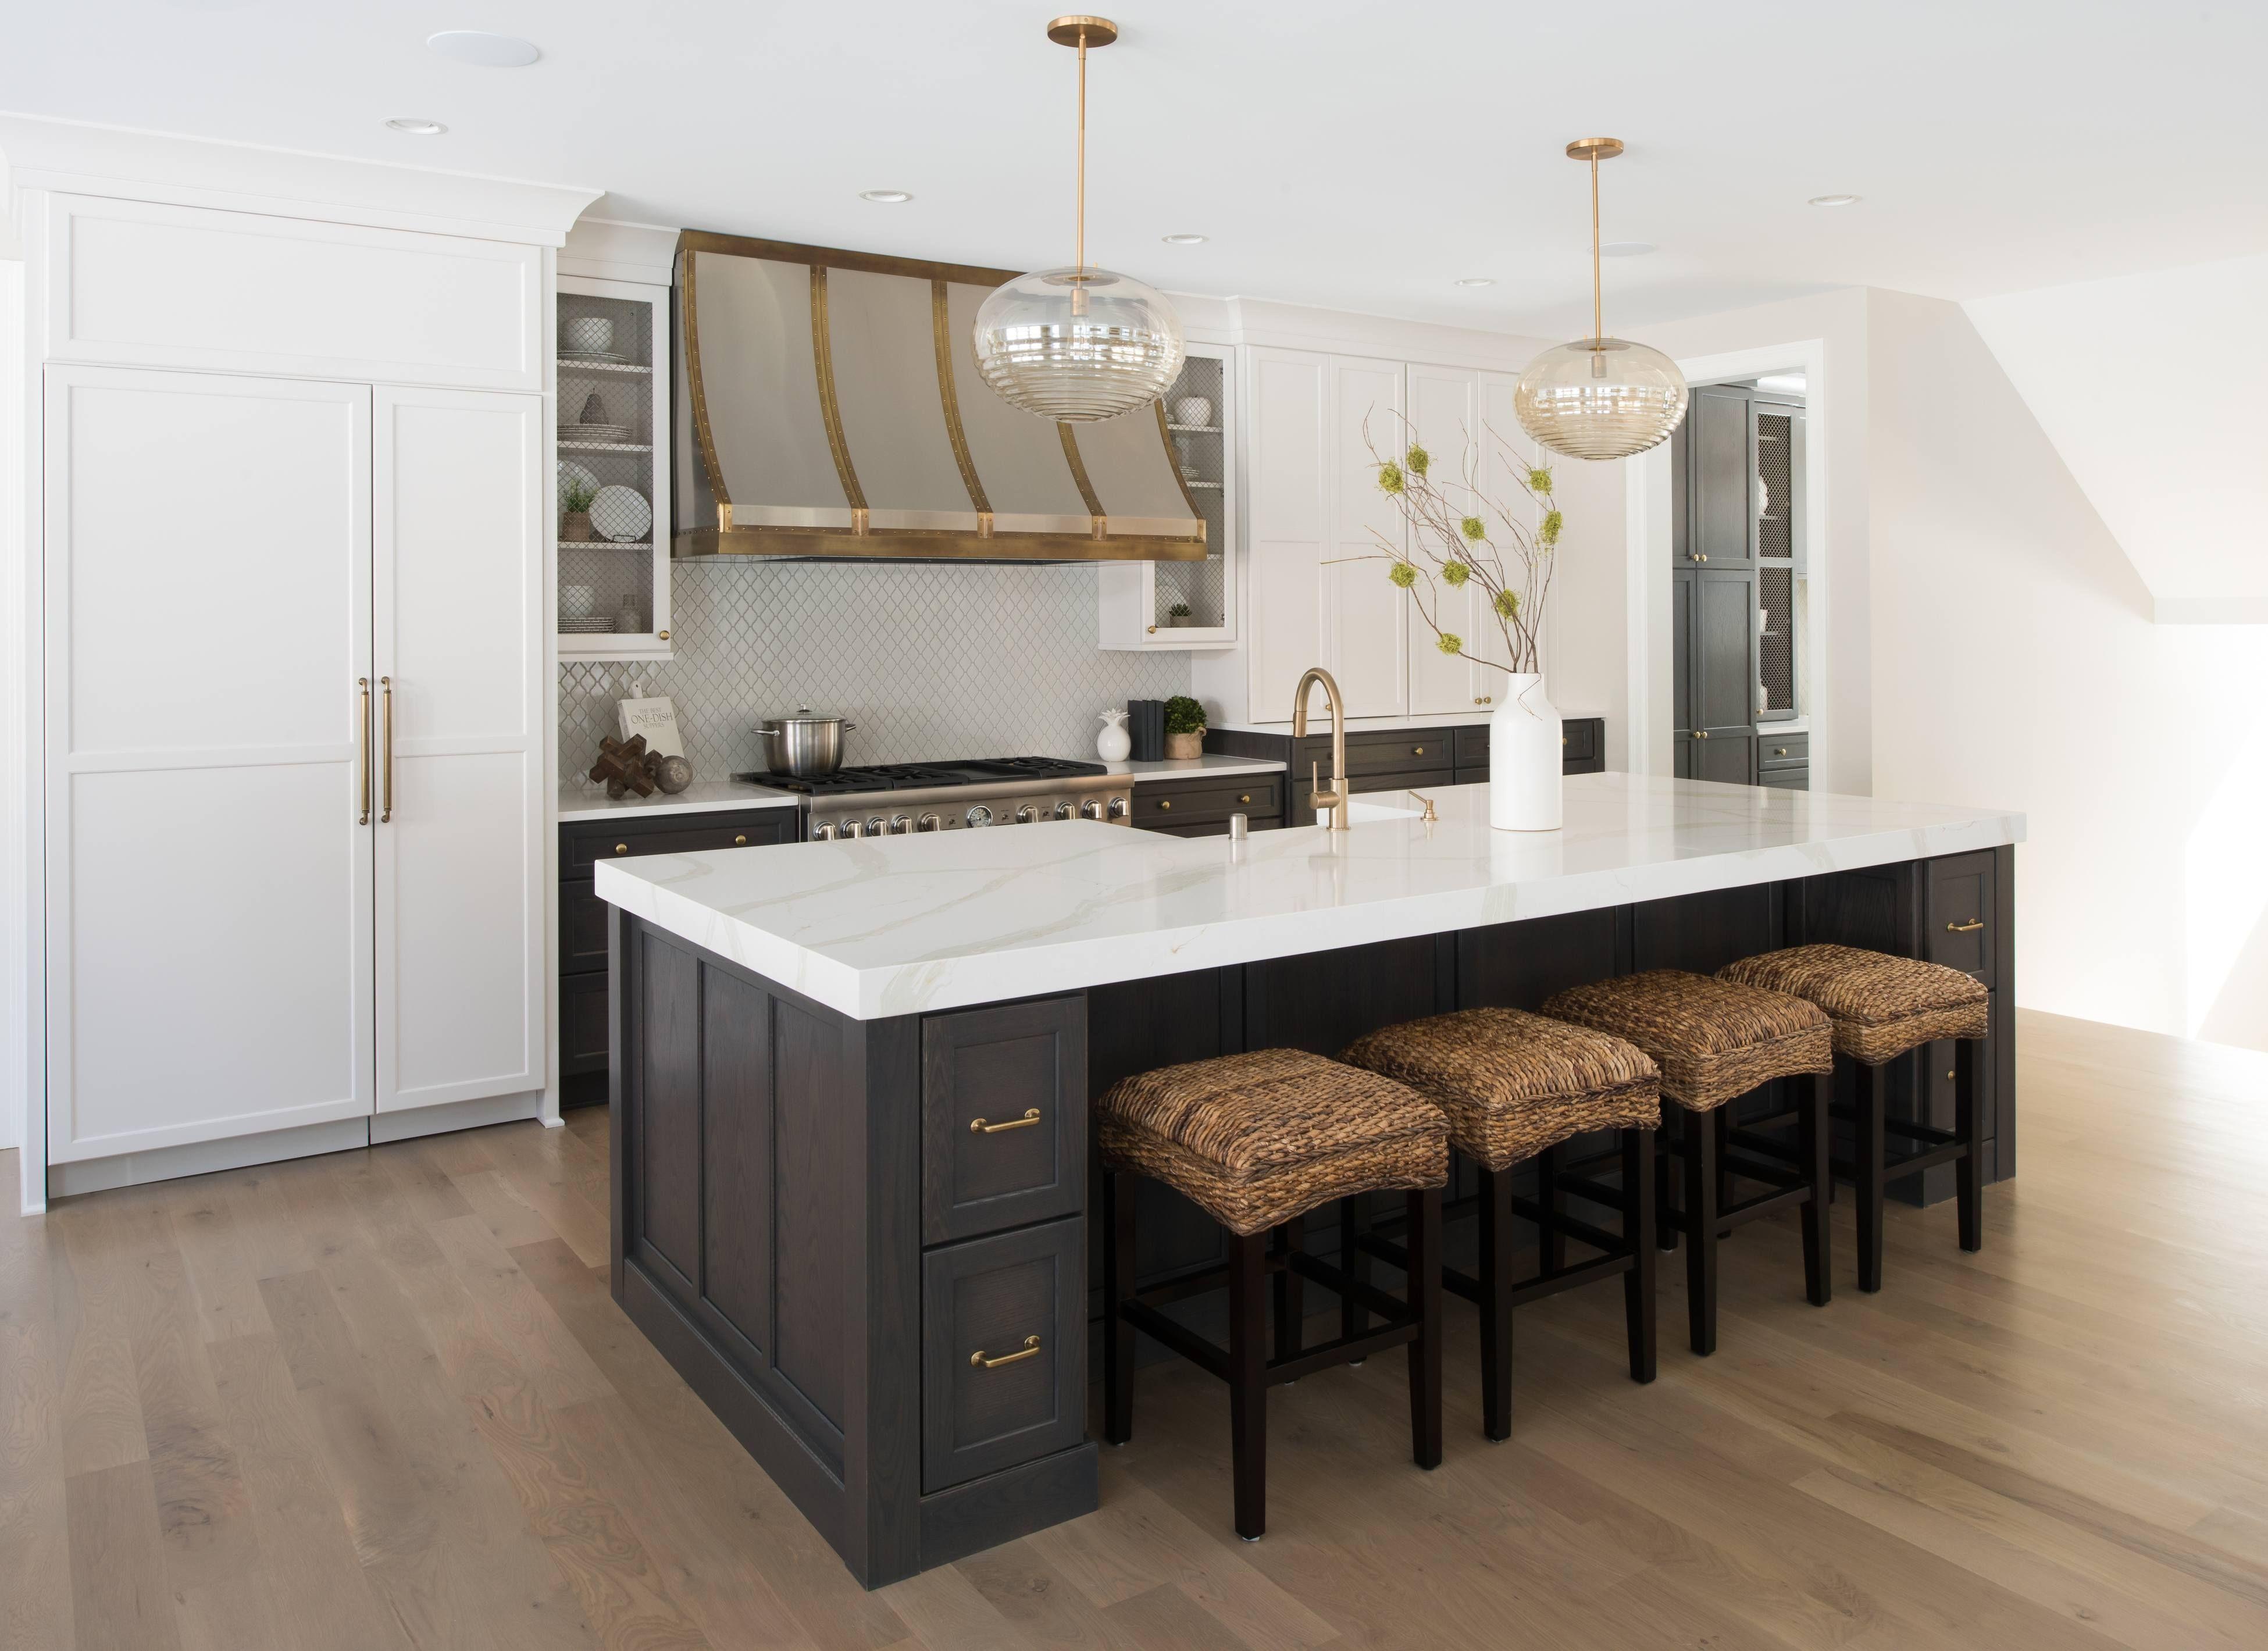 Modern European Home In 2020 Modern Kitchen Design Kitchen Design Open European Kitchen Cabinets